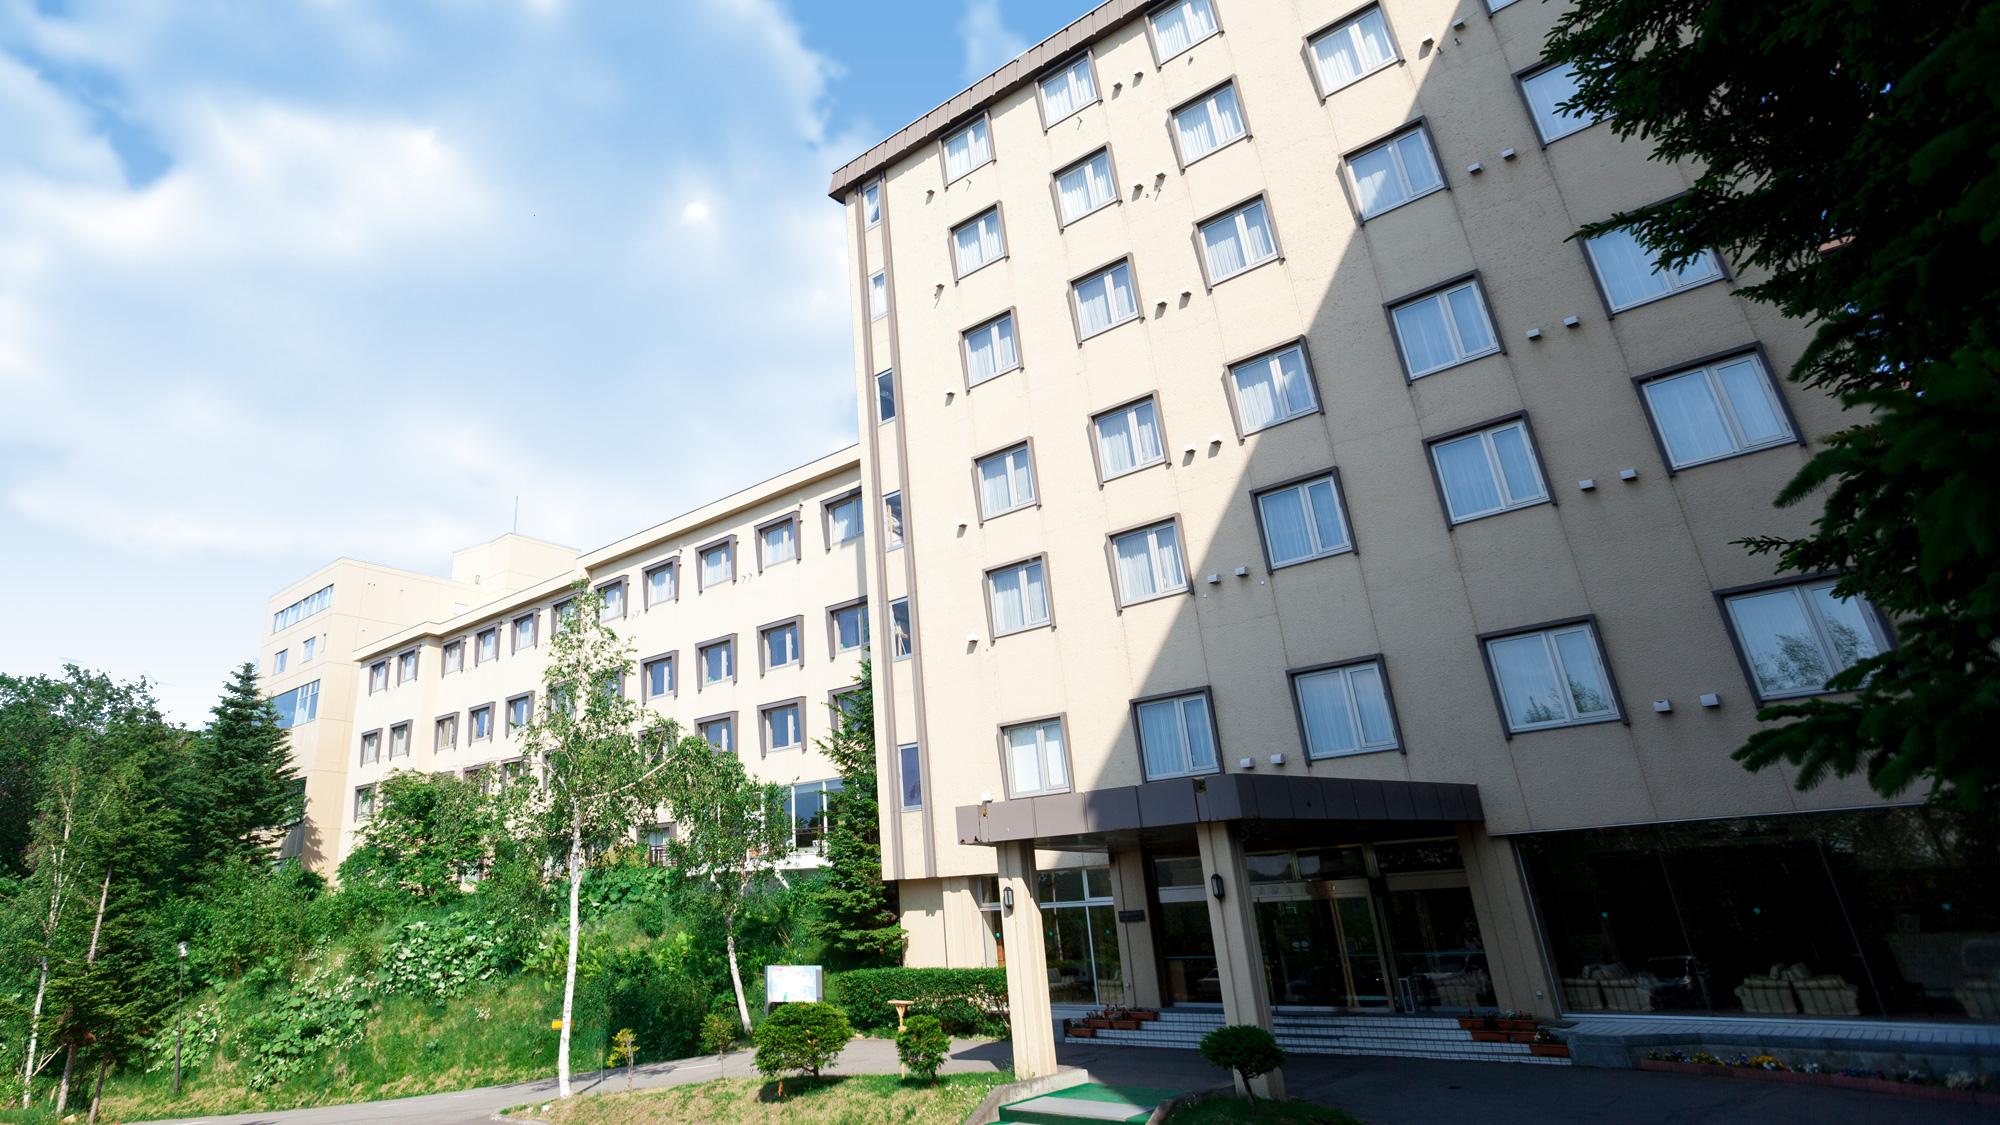 天都の宿 網走観光ホテル(BBHホテルグループ)の施設画像